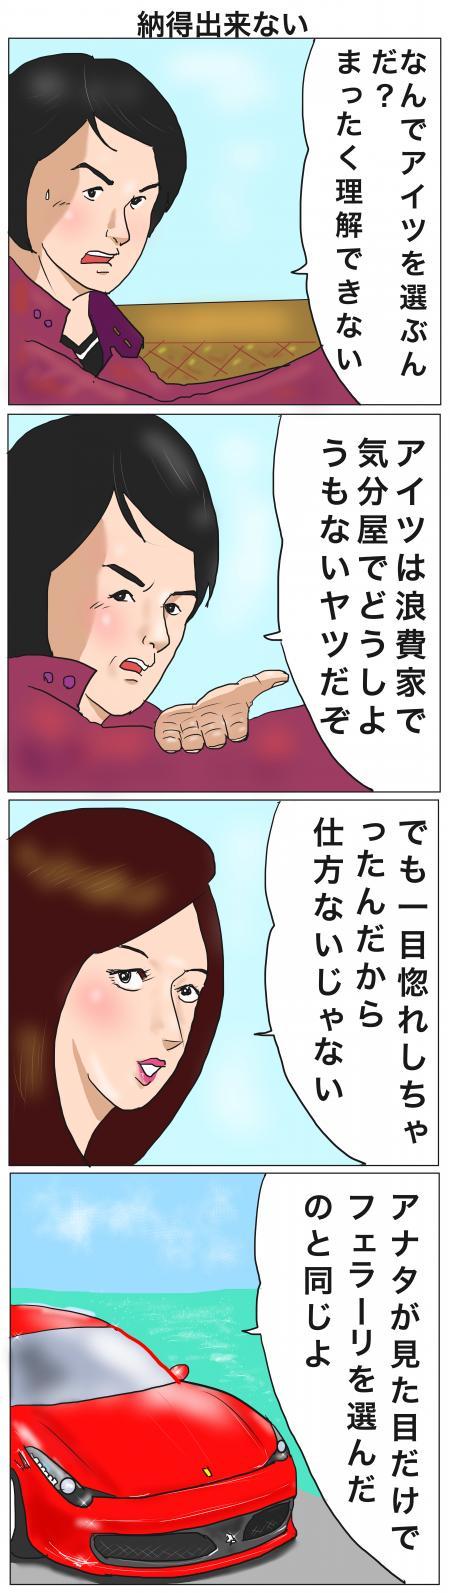 理解できぬ恋+のコピー_convert_20150213213804